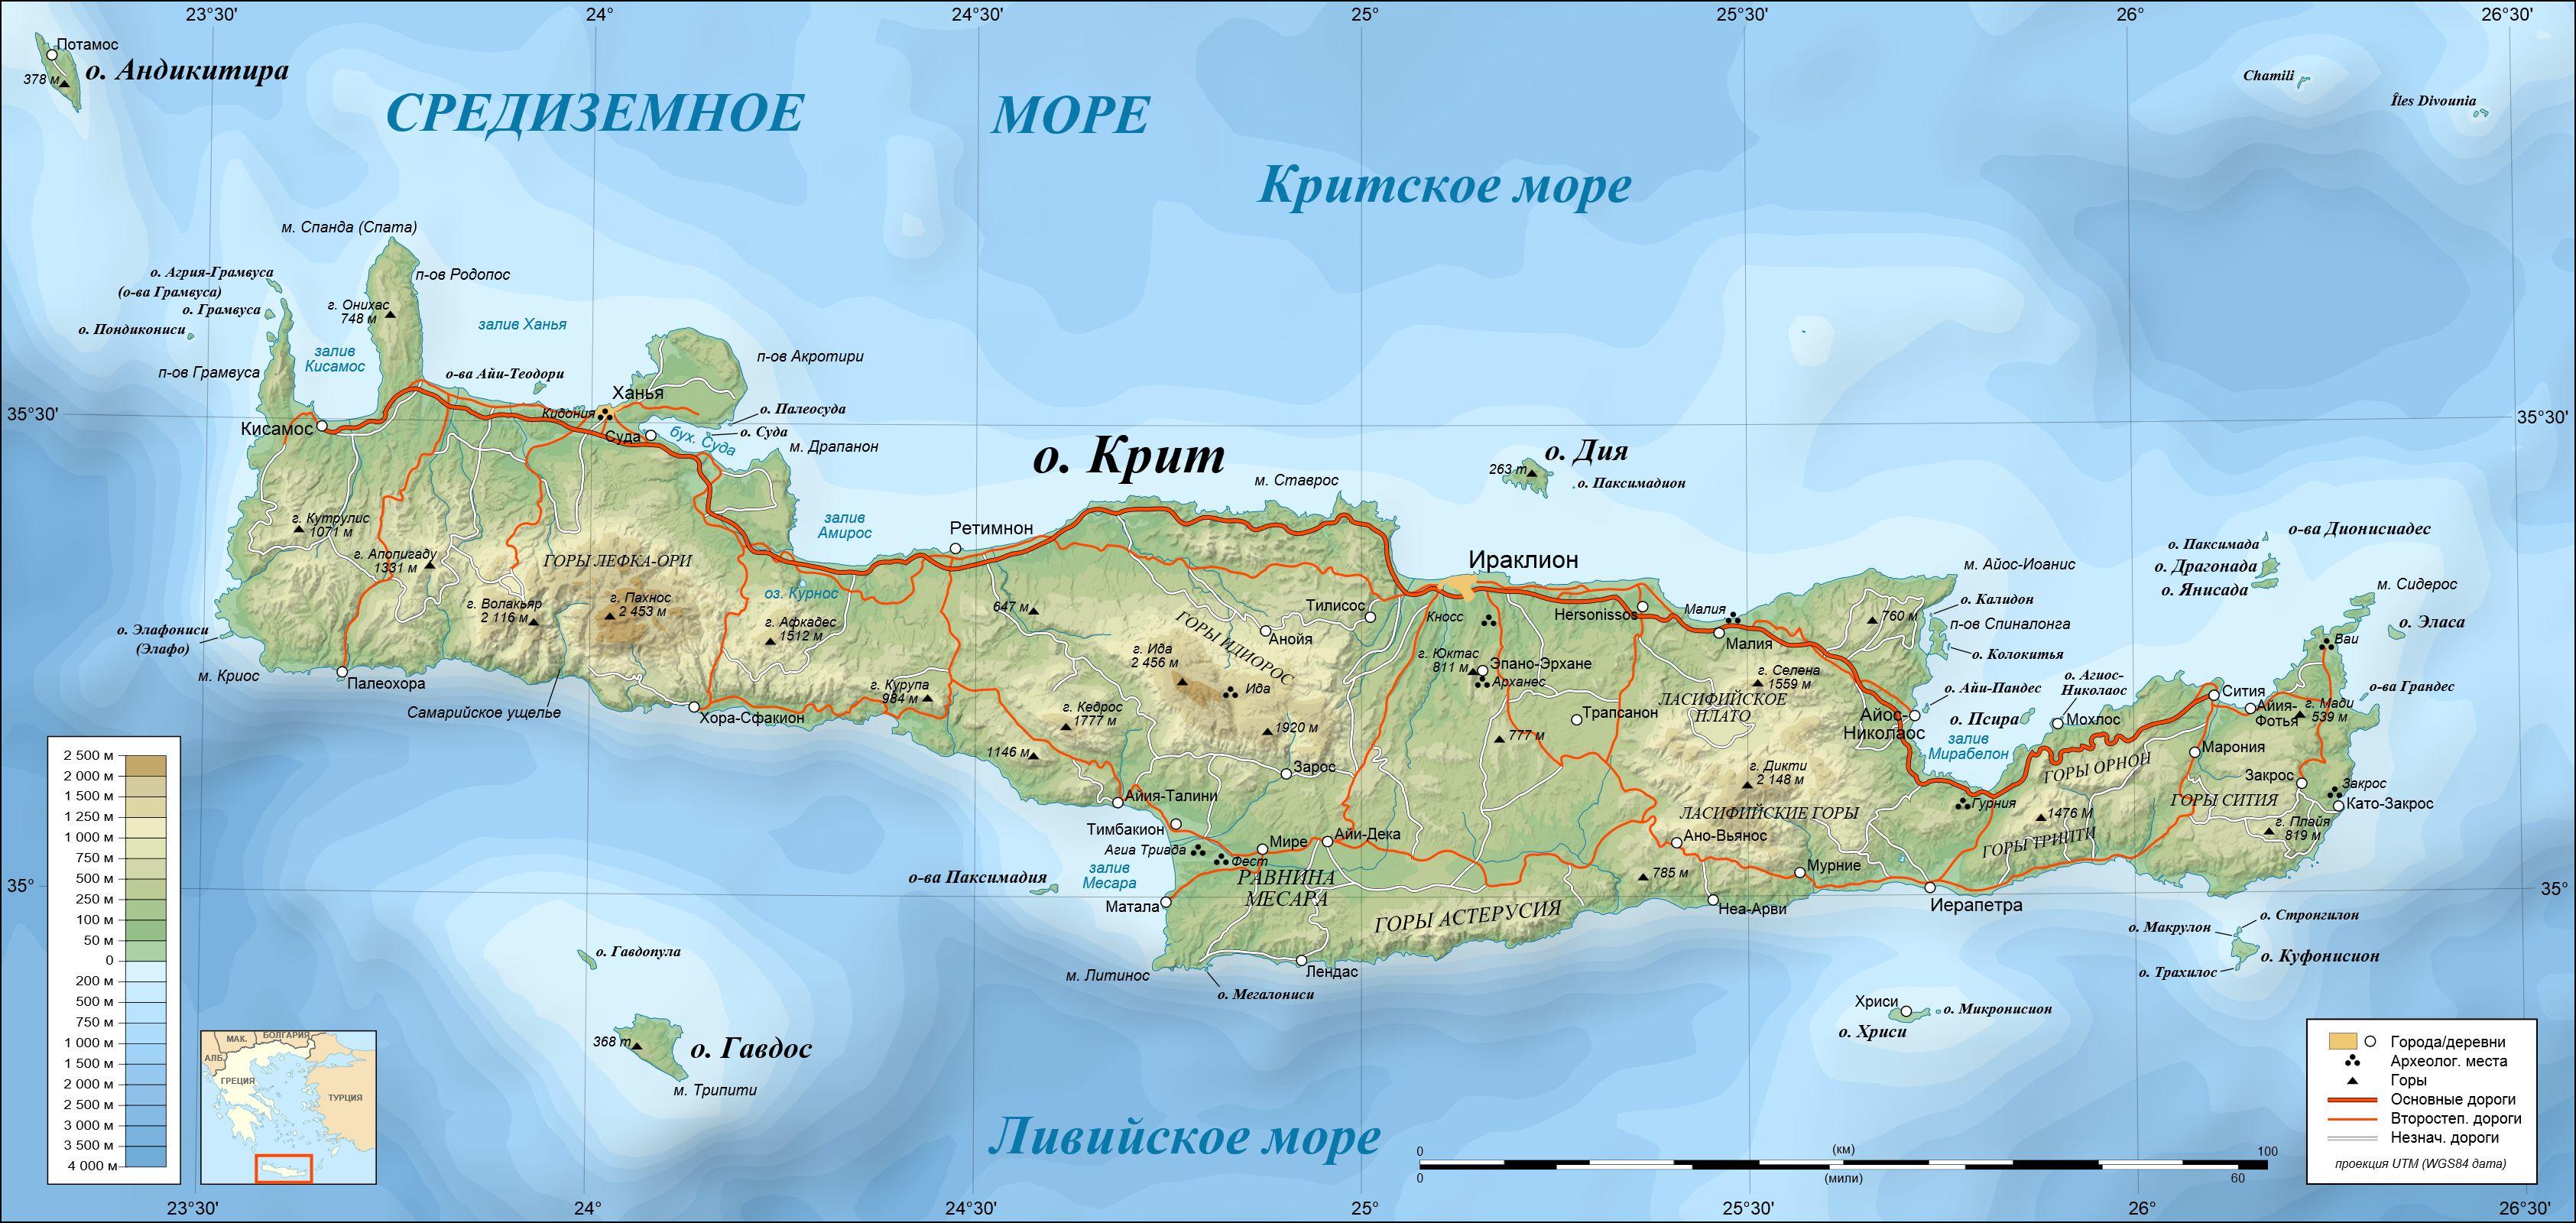 Karta Ostrova Krit Na Russkom Yazyke Podrobnaya Karta Krita S